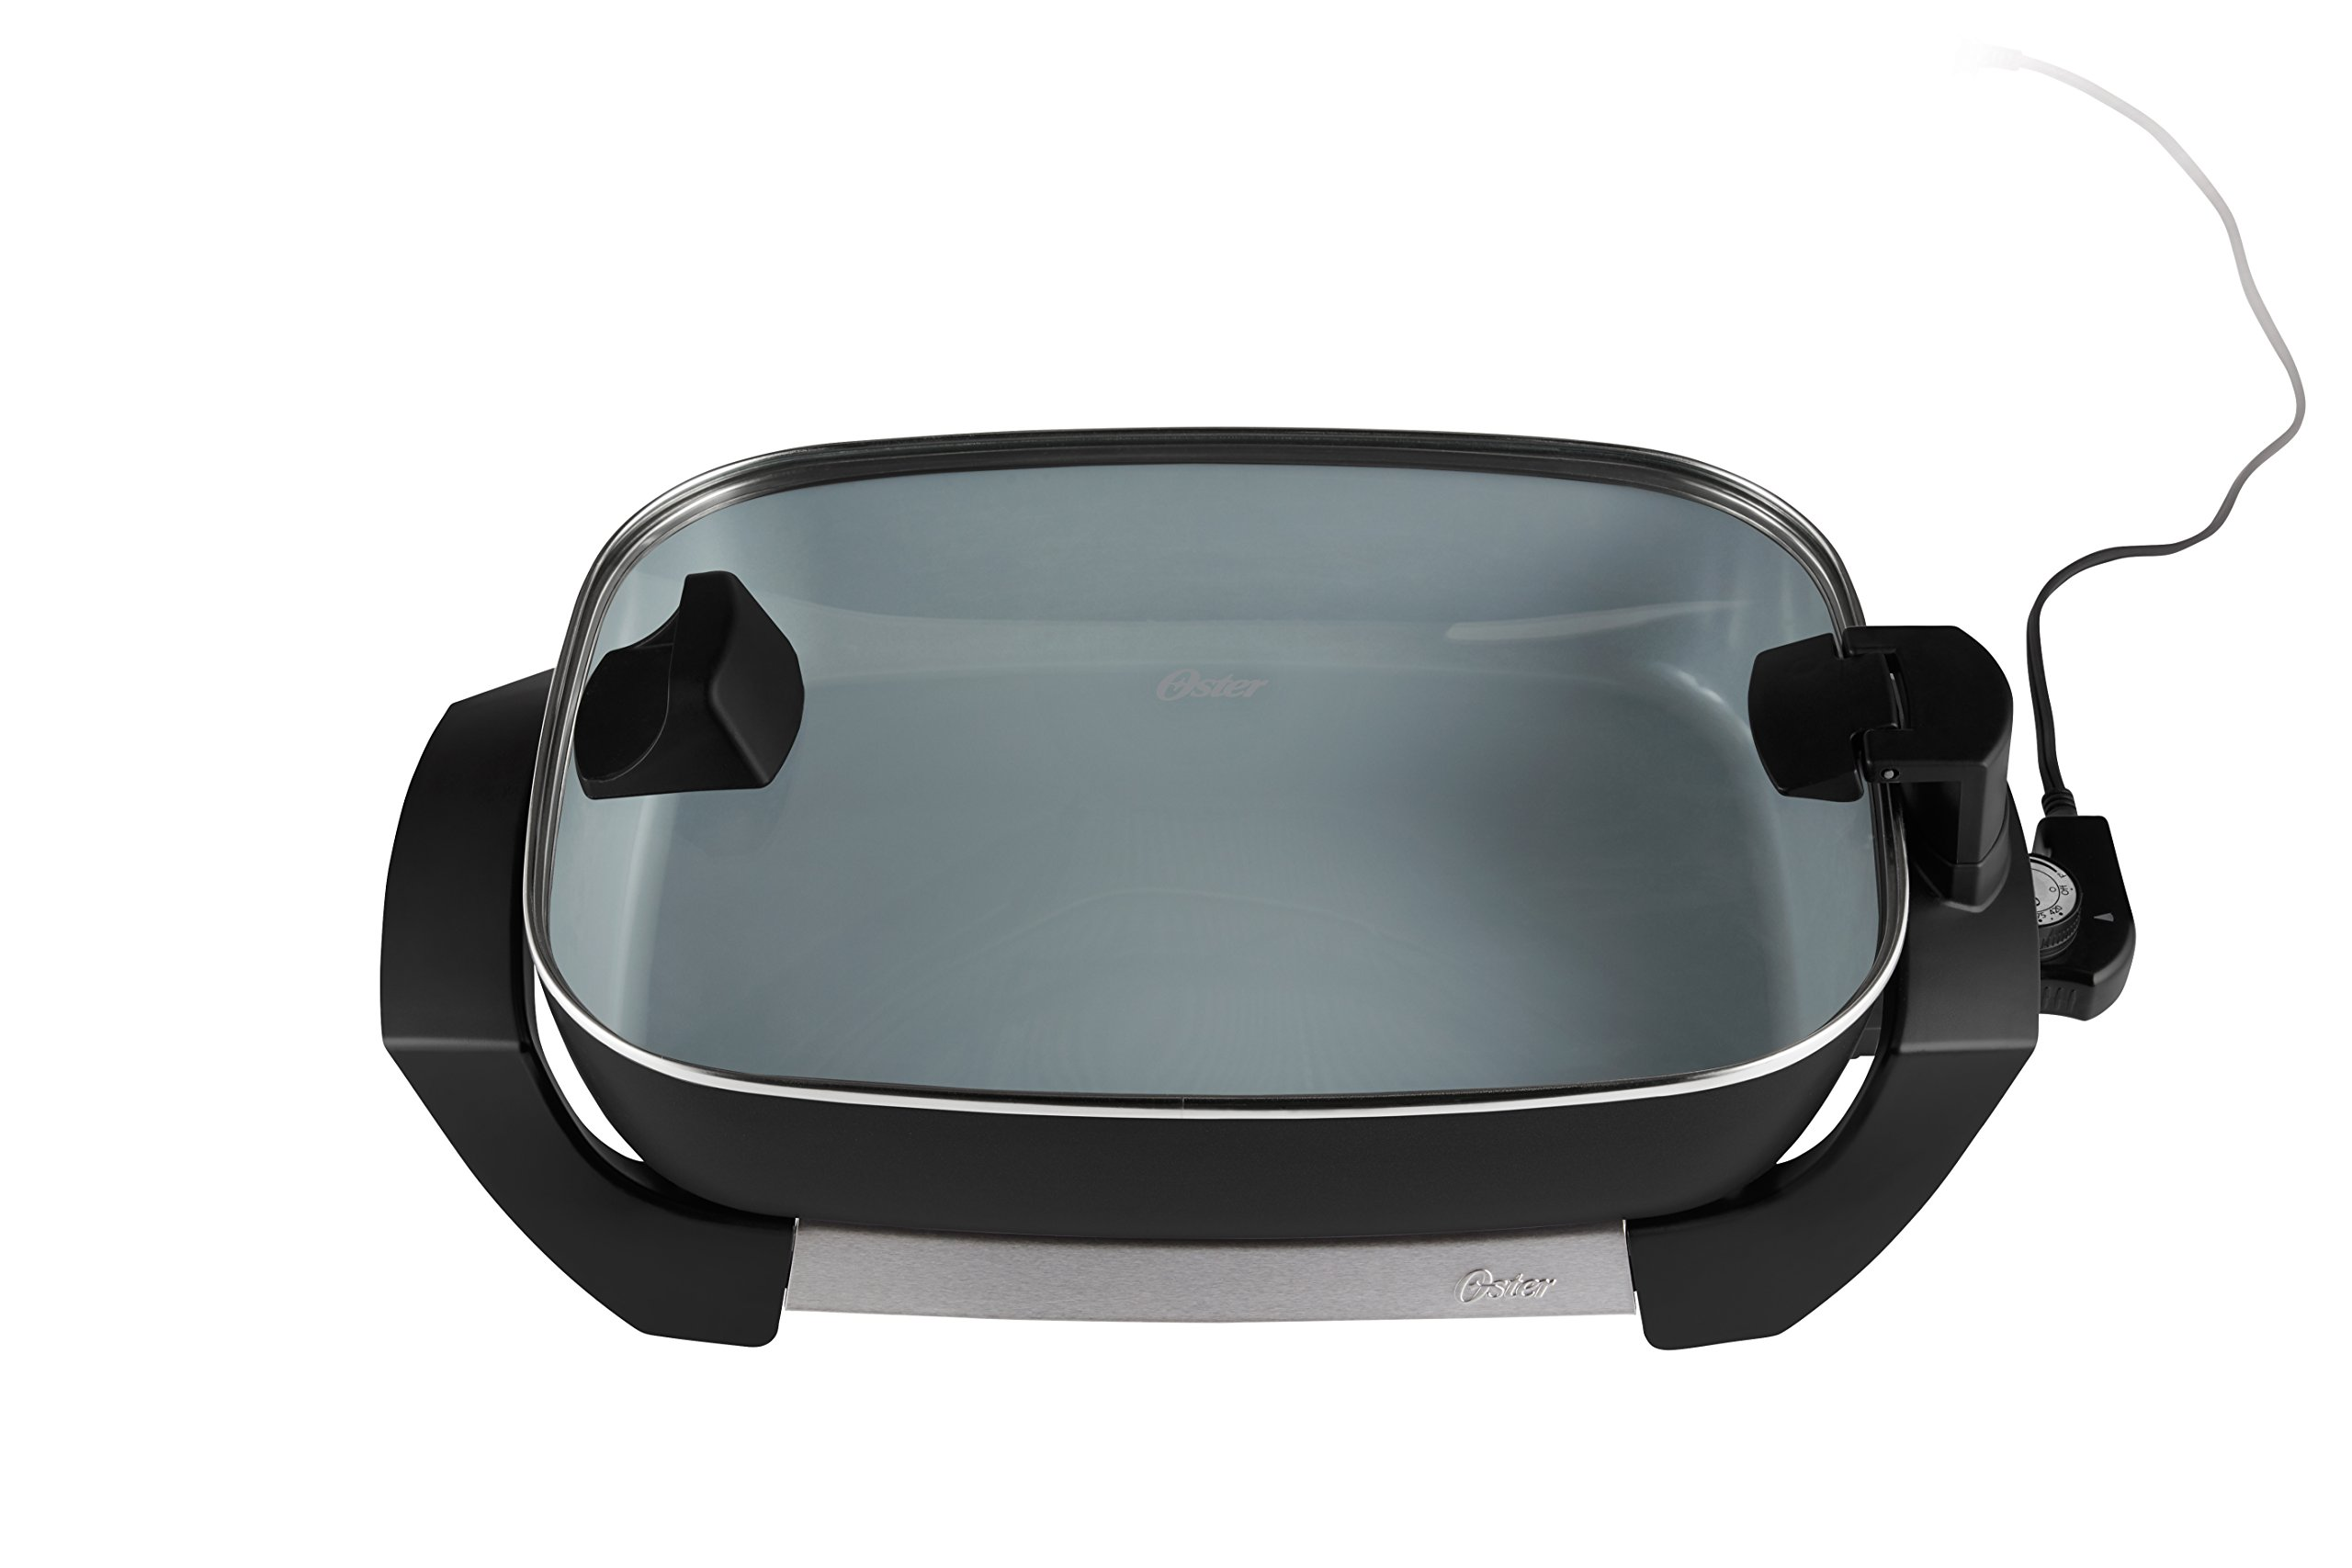 Oster Titanium Infused Duraceramic Skillet, 12'', Black